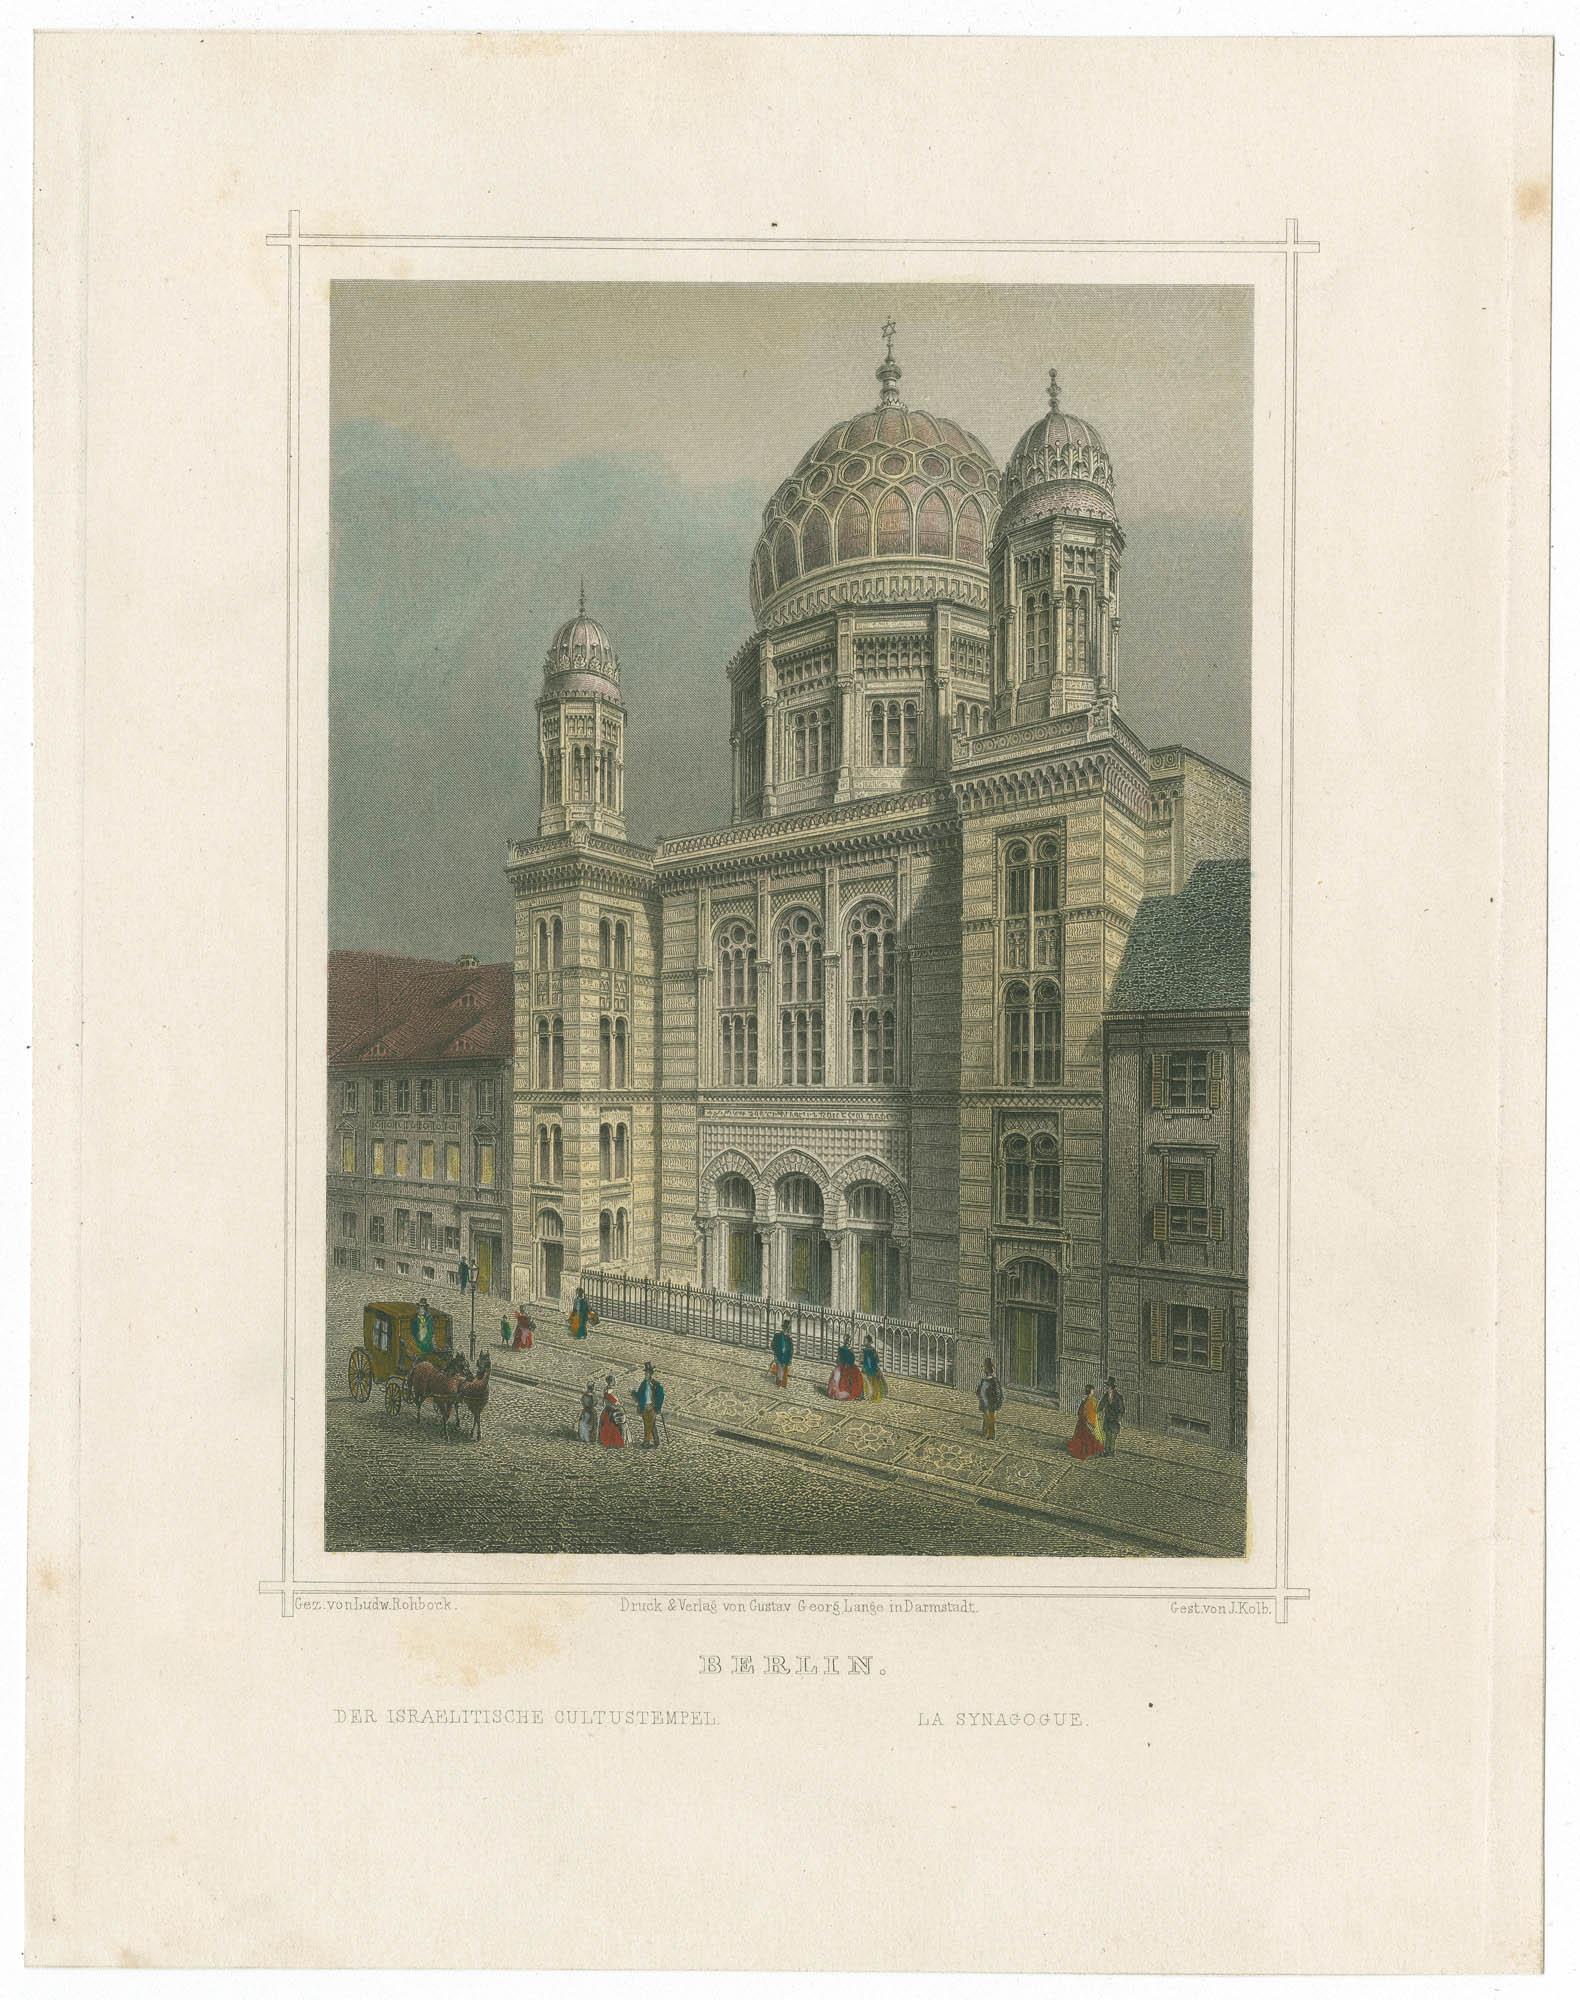 Berlin. Der israelitische Cultustempel. / La synagogue.